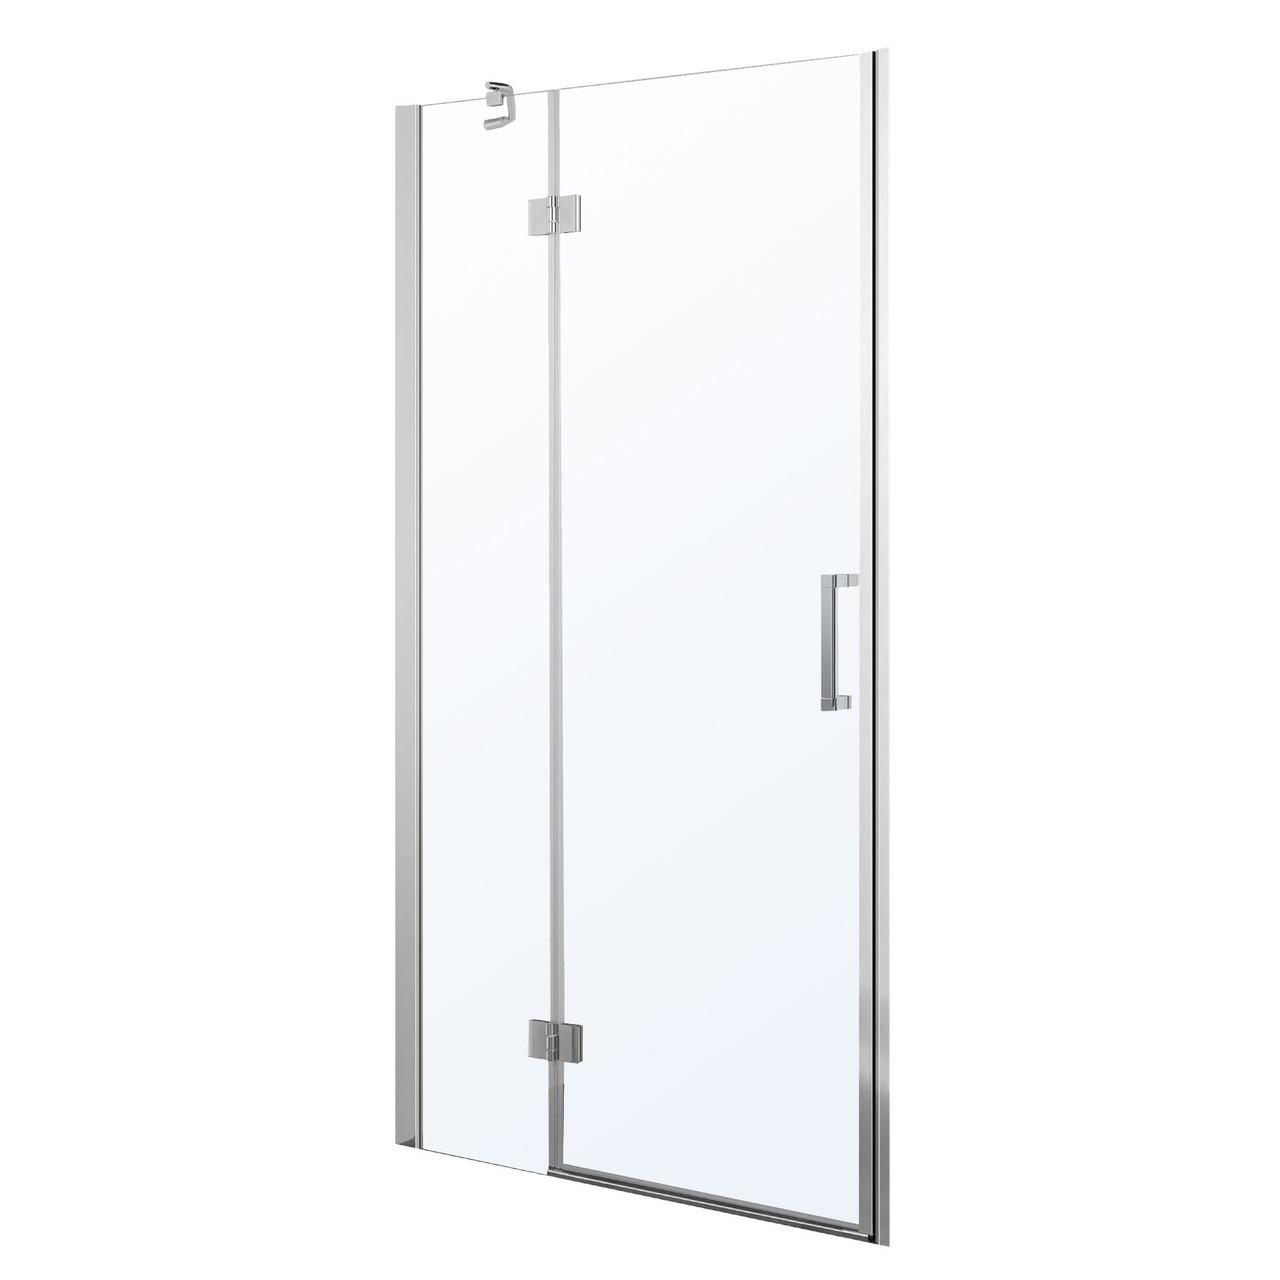 Дверь в нишу 100*195см распашная на петлях, прозрачное стекло 6мм